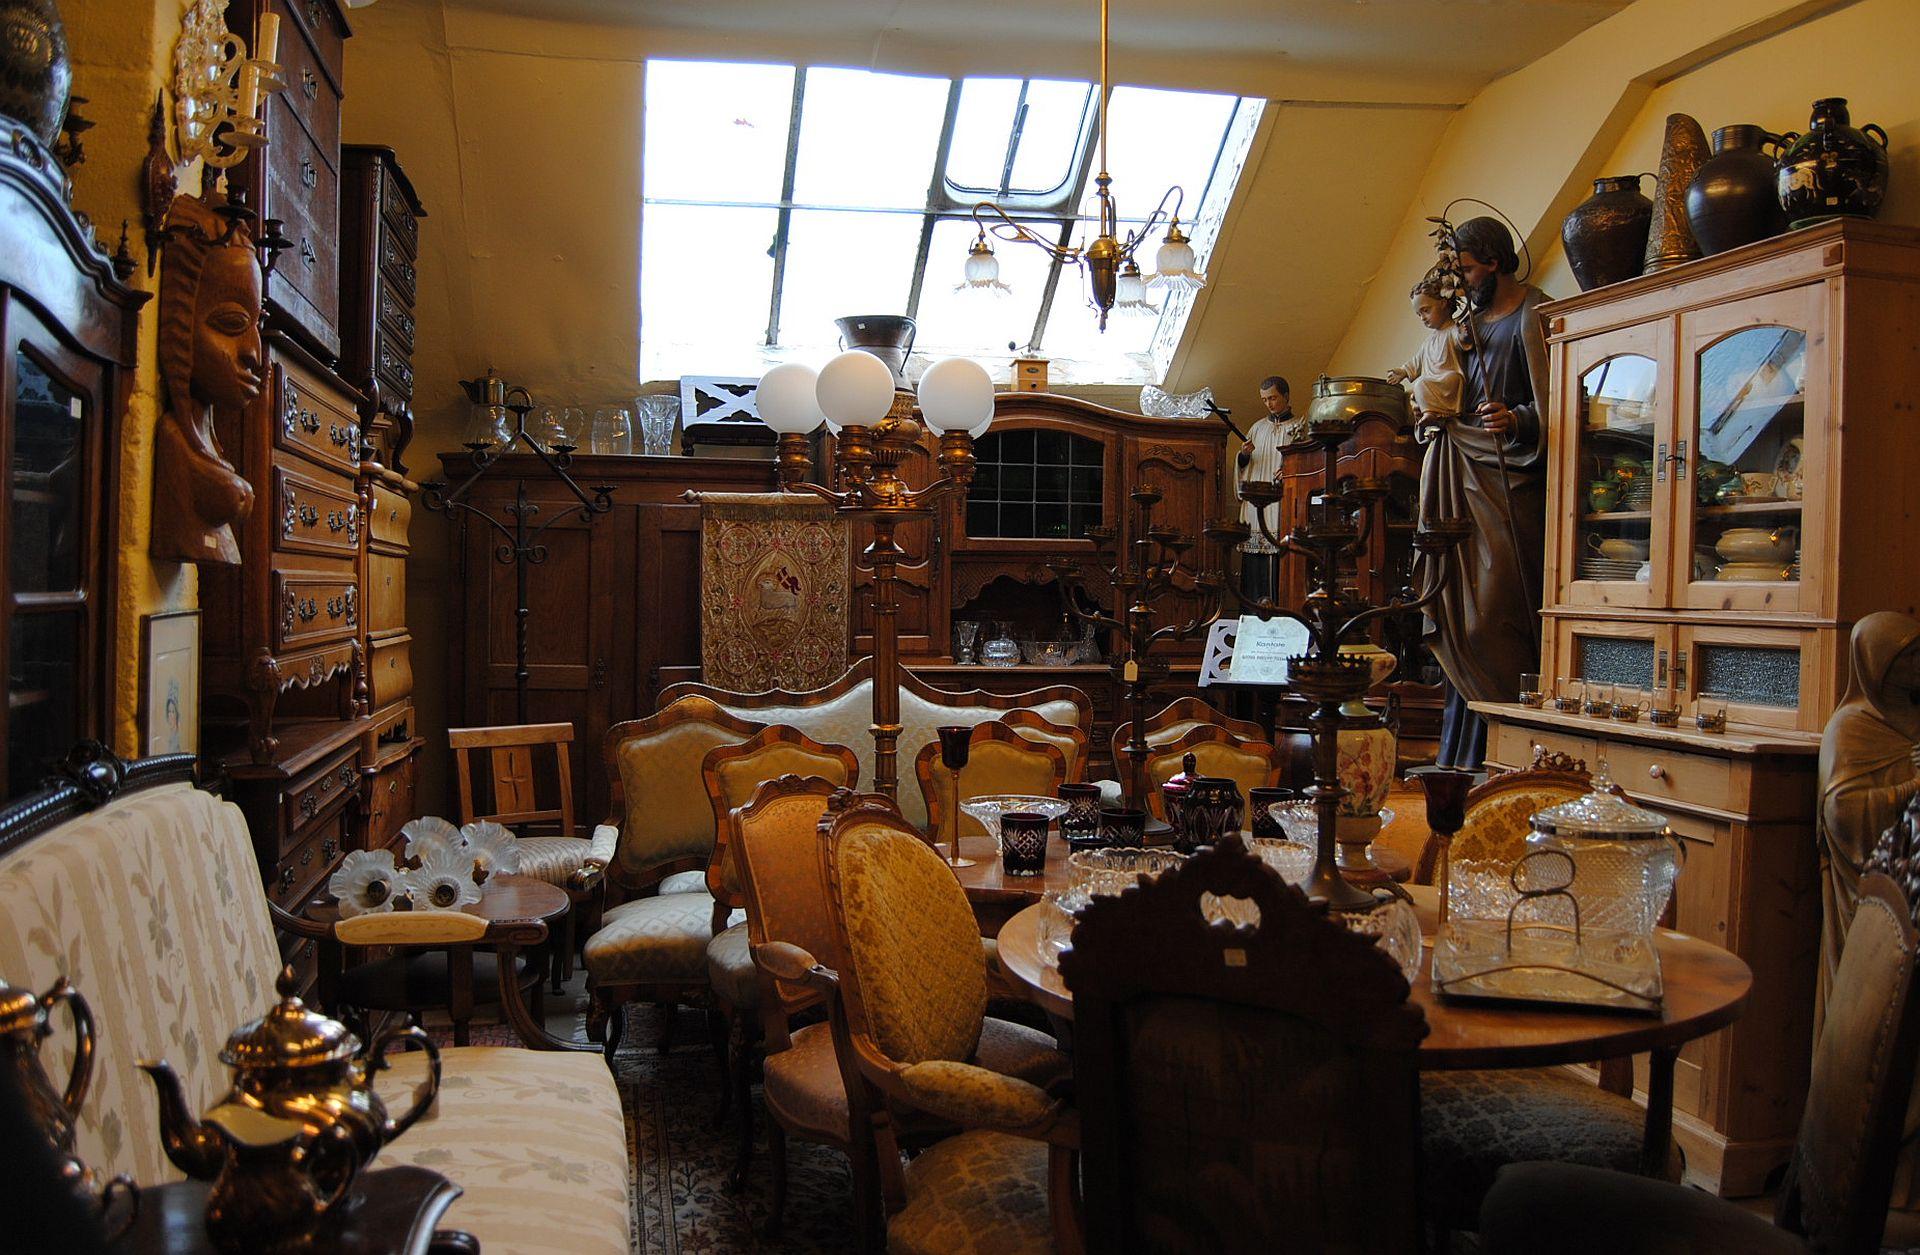 Antiquitäten Neustadt Aisch : Antiquitäten trier heiligkreuz bildergalerie antiquitäten